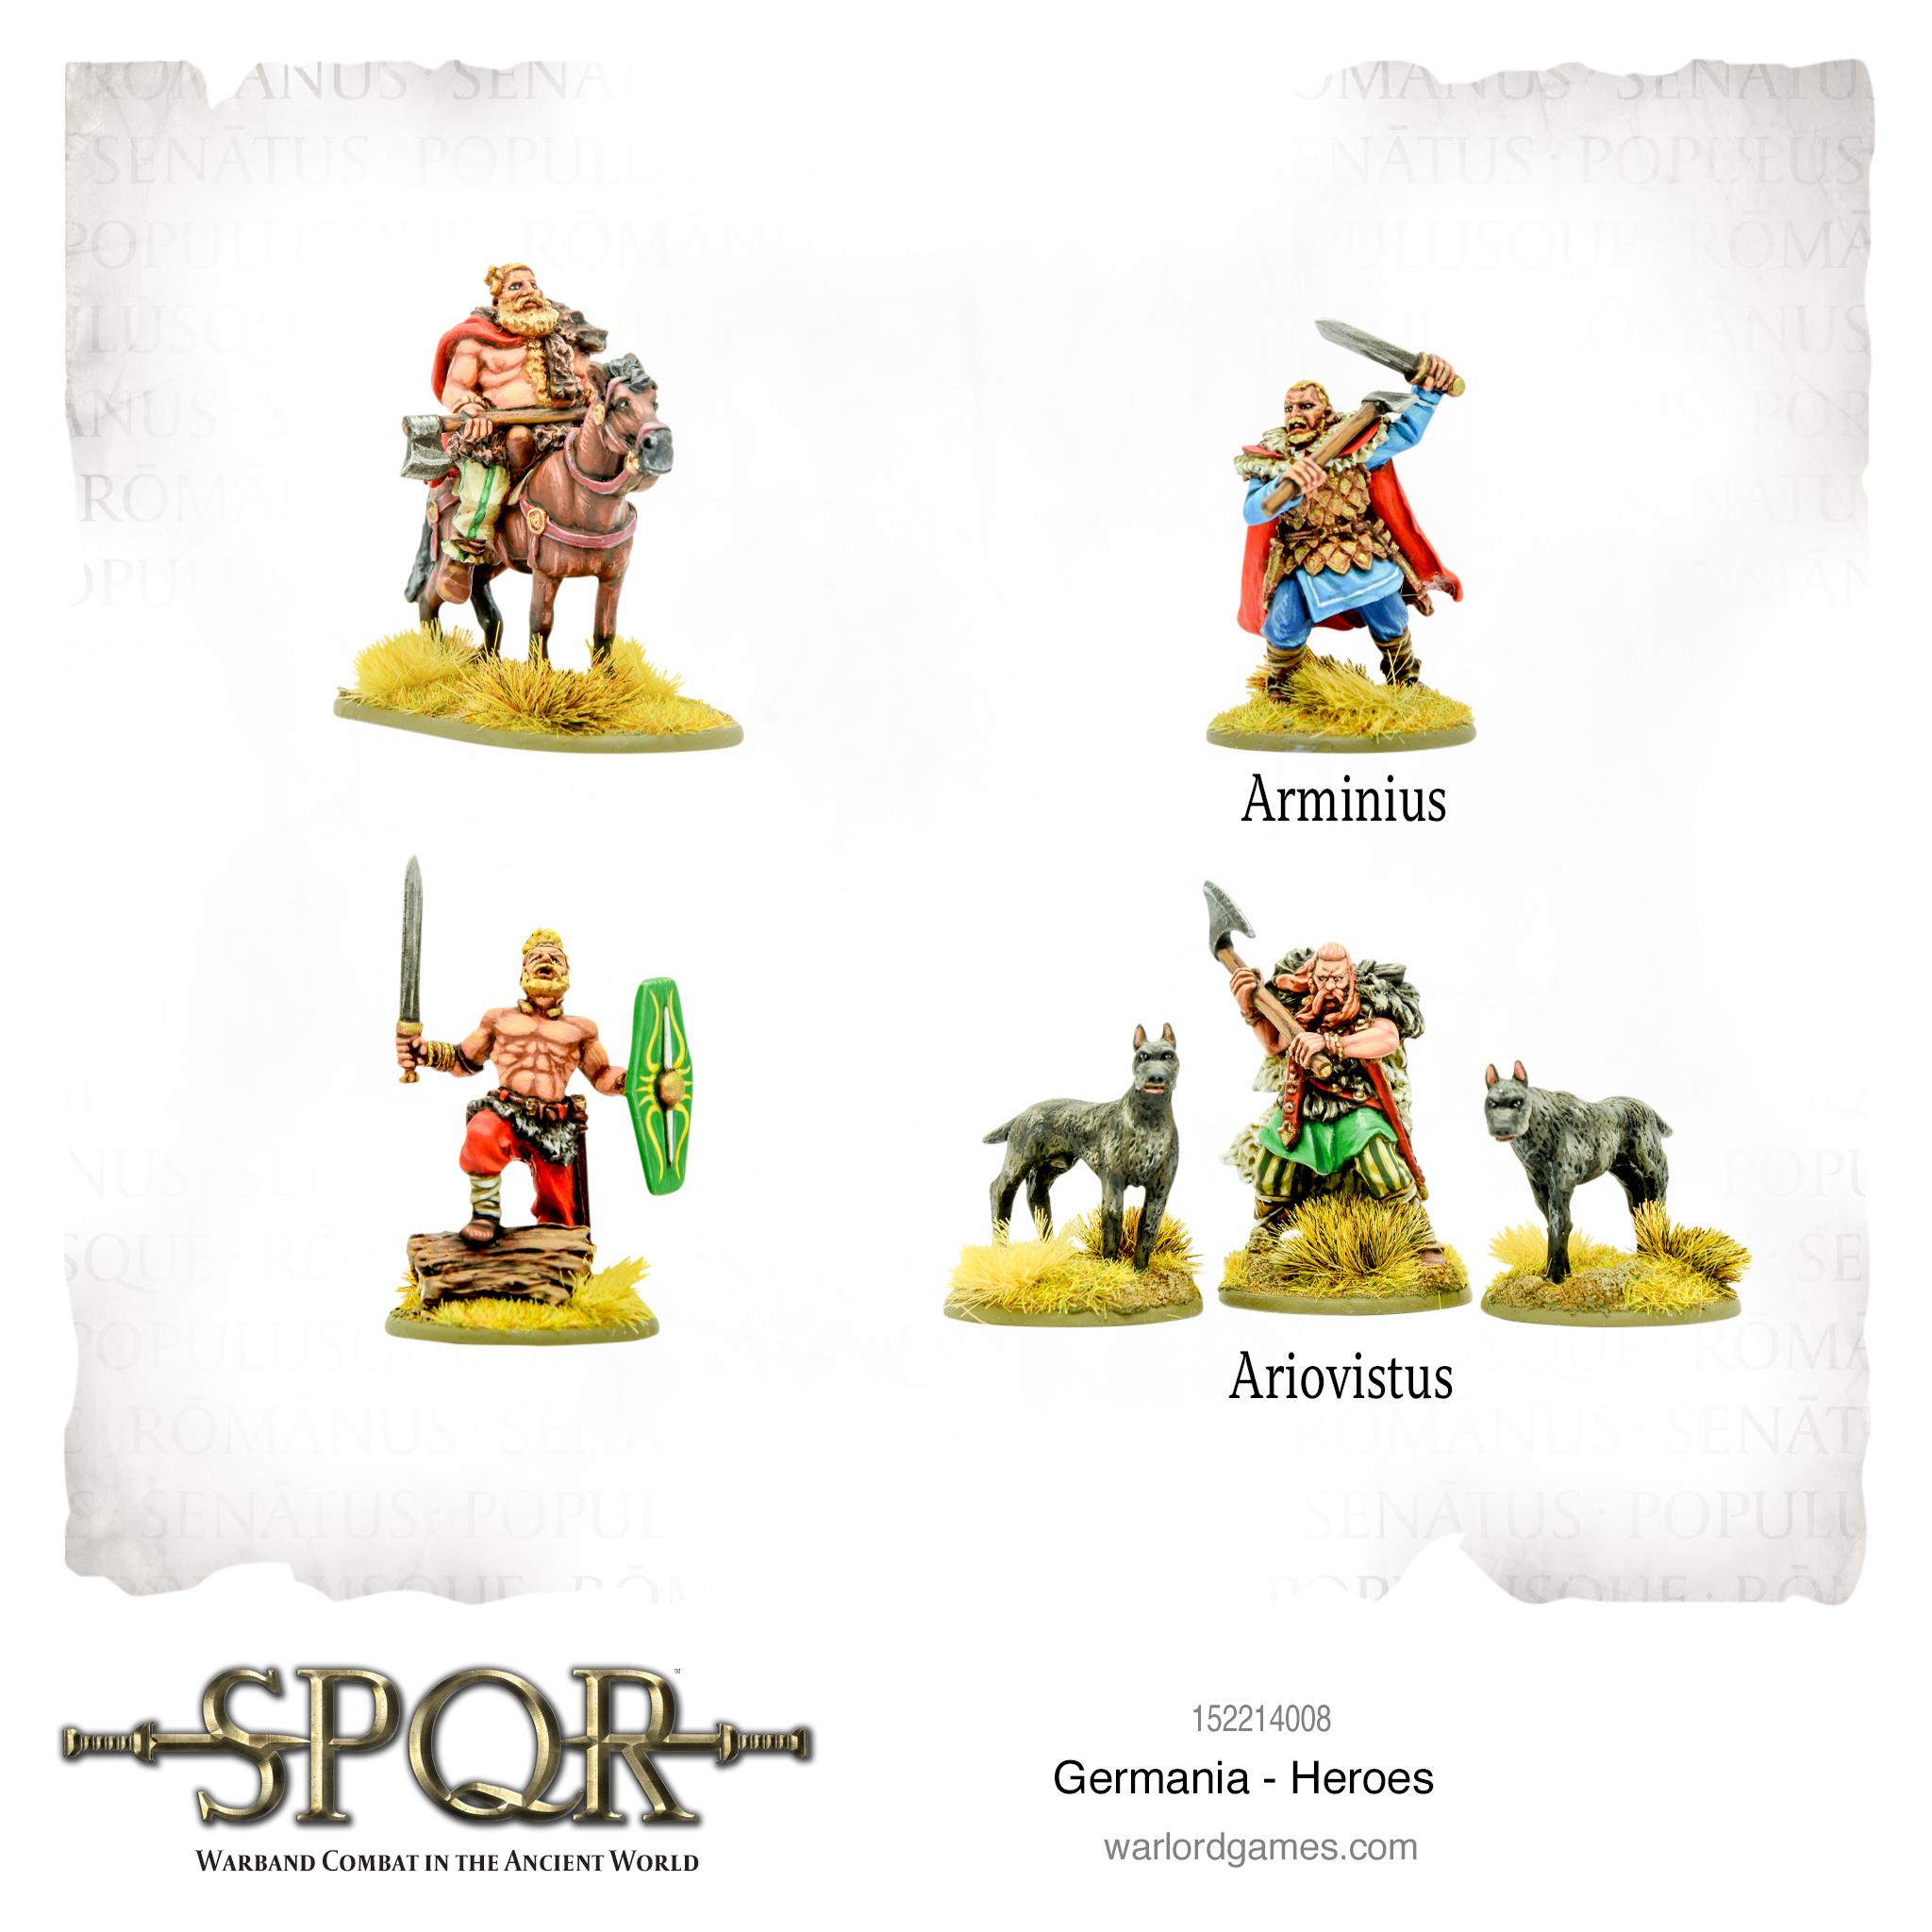 SPQR: Germania - Heroes